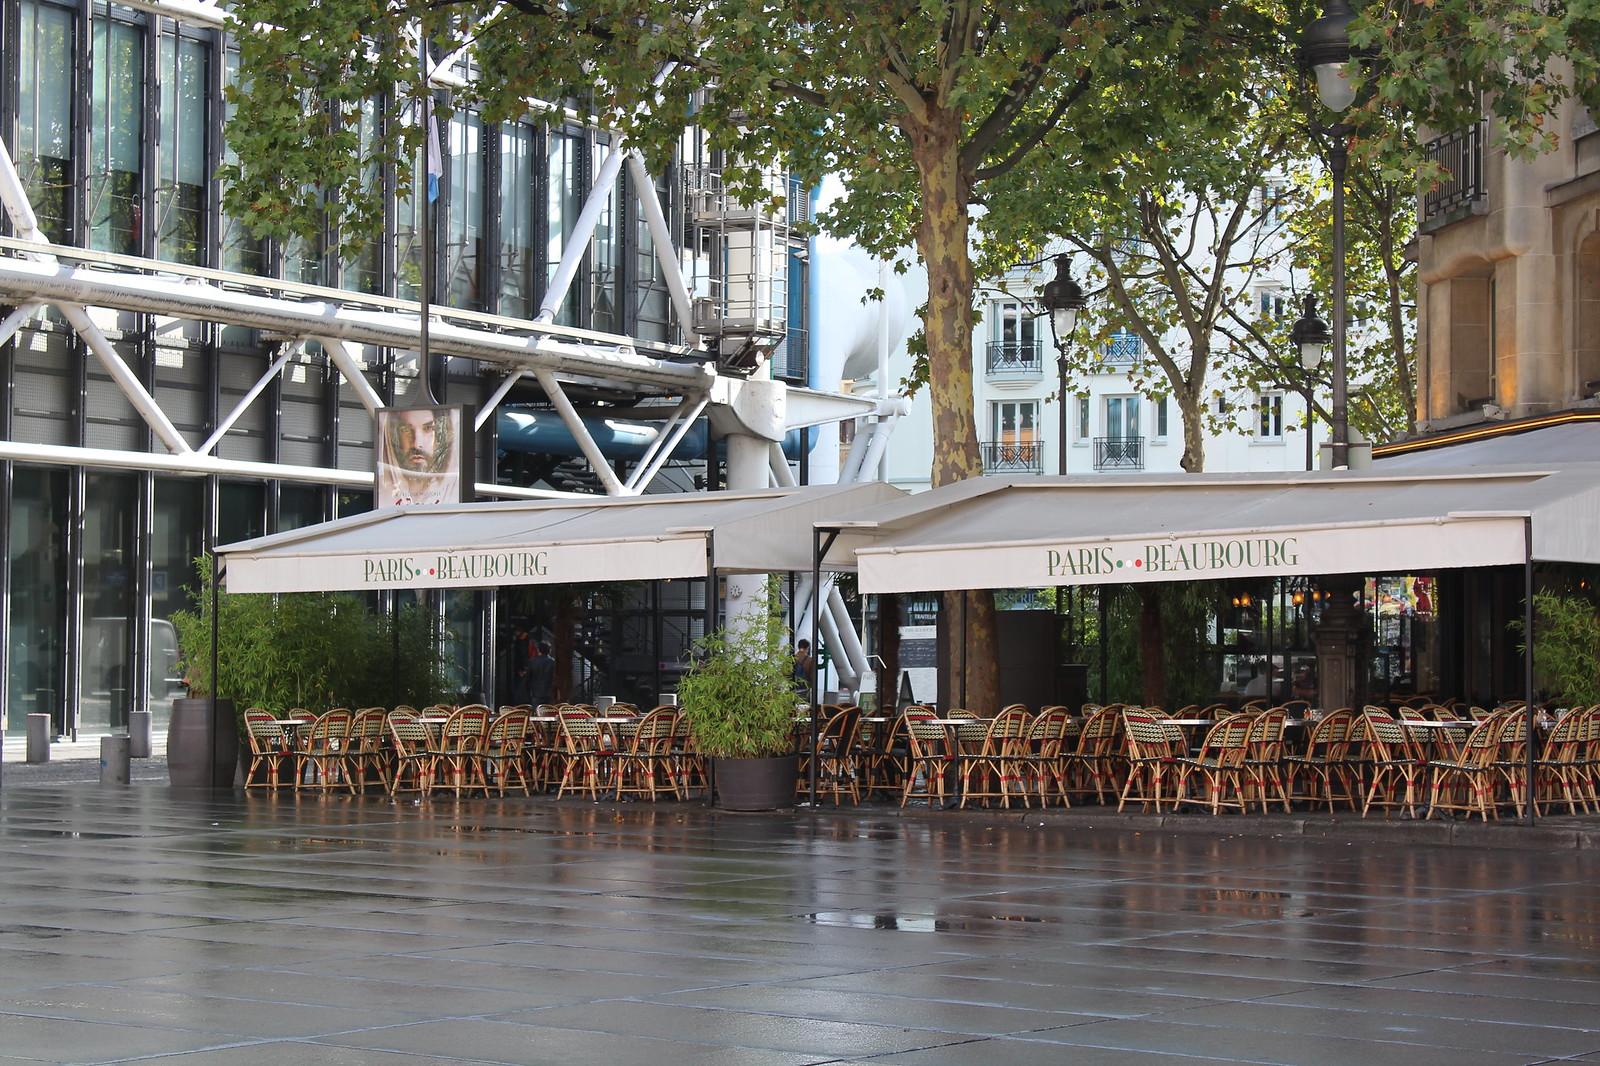 Paris citytrip june14thstudio must visit